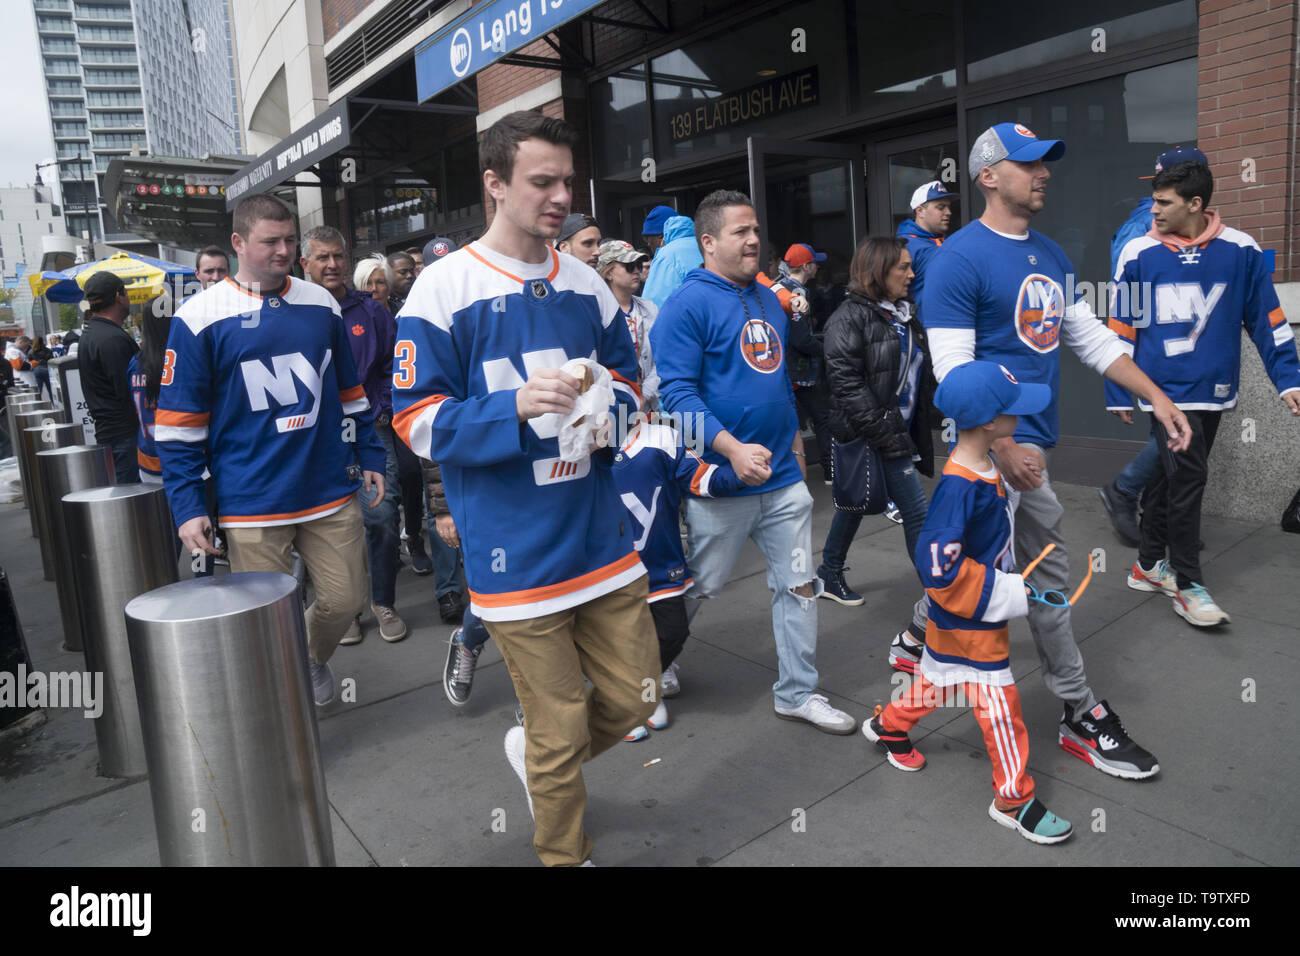 Gewidmet der New York Rangers Fans zu Fuß von der LIRR Station an den Stanley Cup Endspiele an Barklay Zentrum in Brooklyn, New York. Stockbild